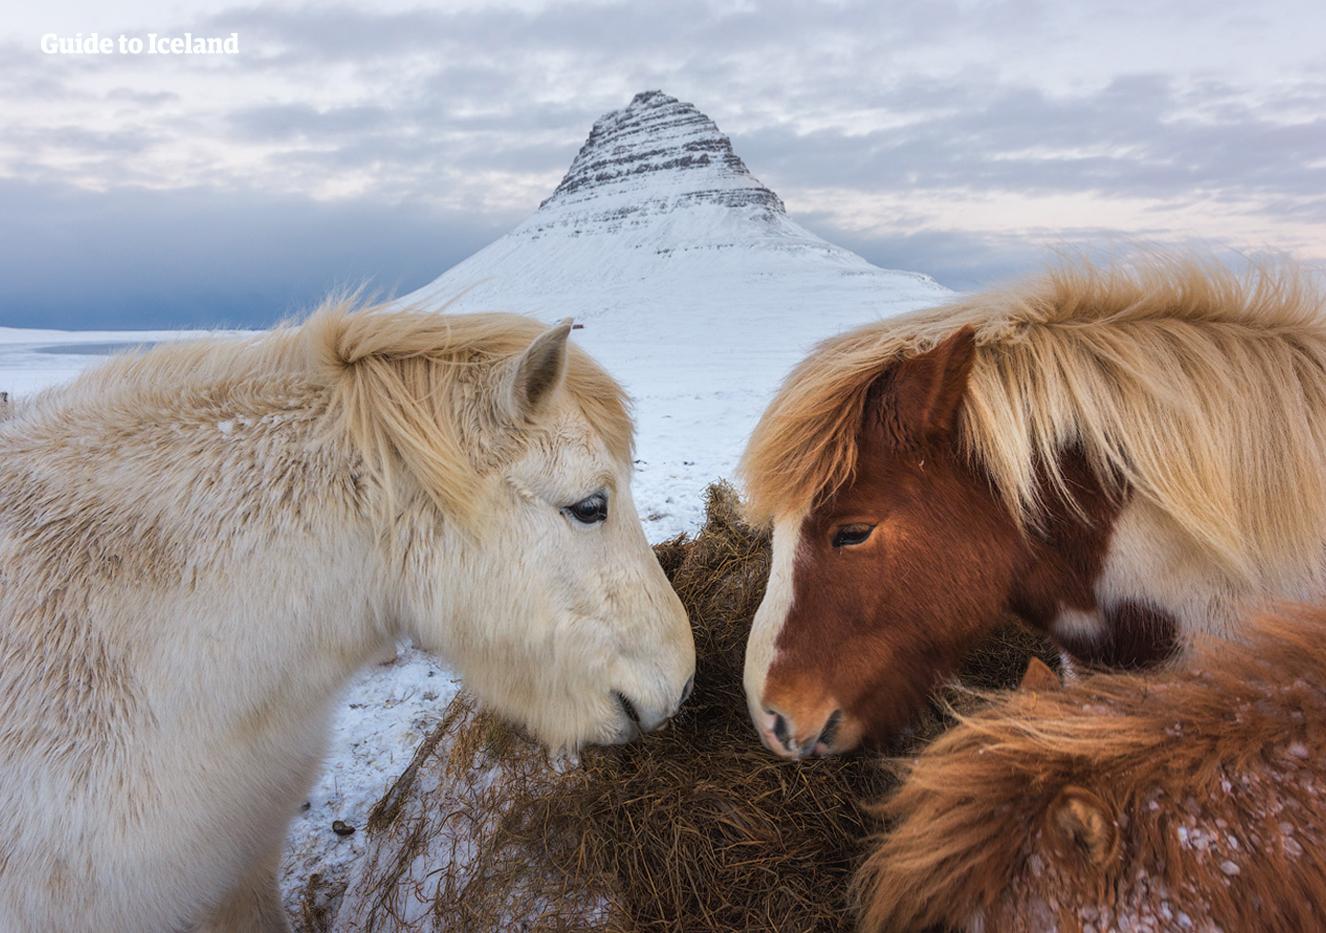 斯奈山半岛的教会山与萌萌冰岛马